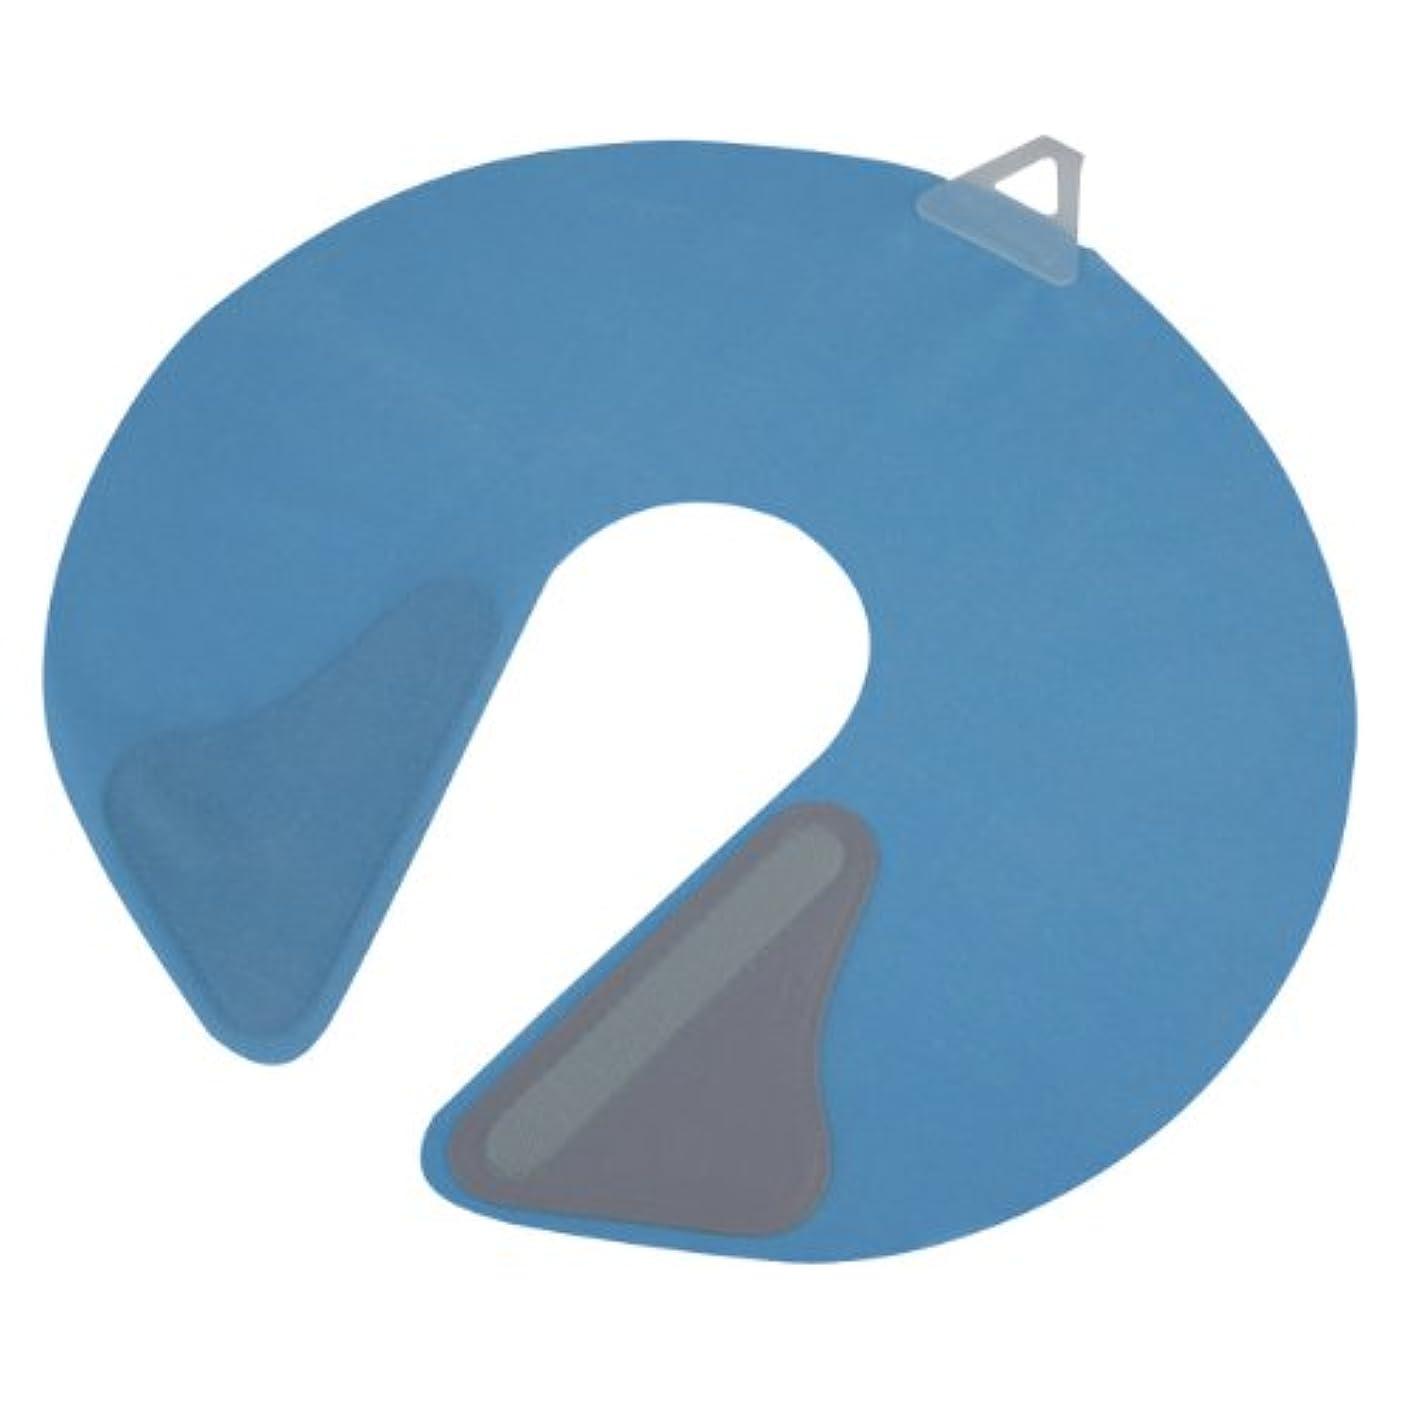 掻く闘争可塑性竹家 ネックシャッター ブルー